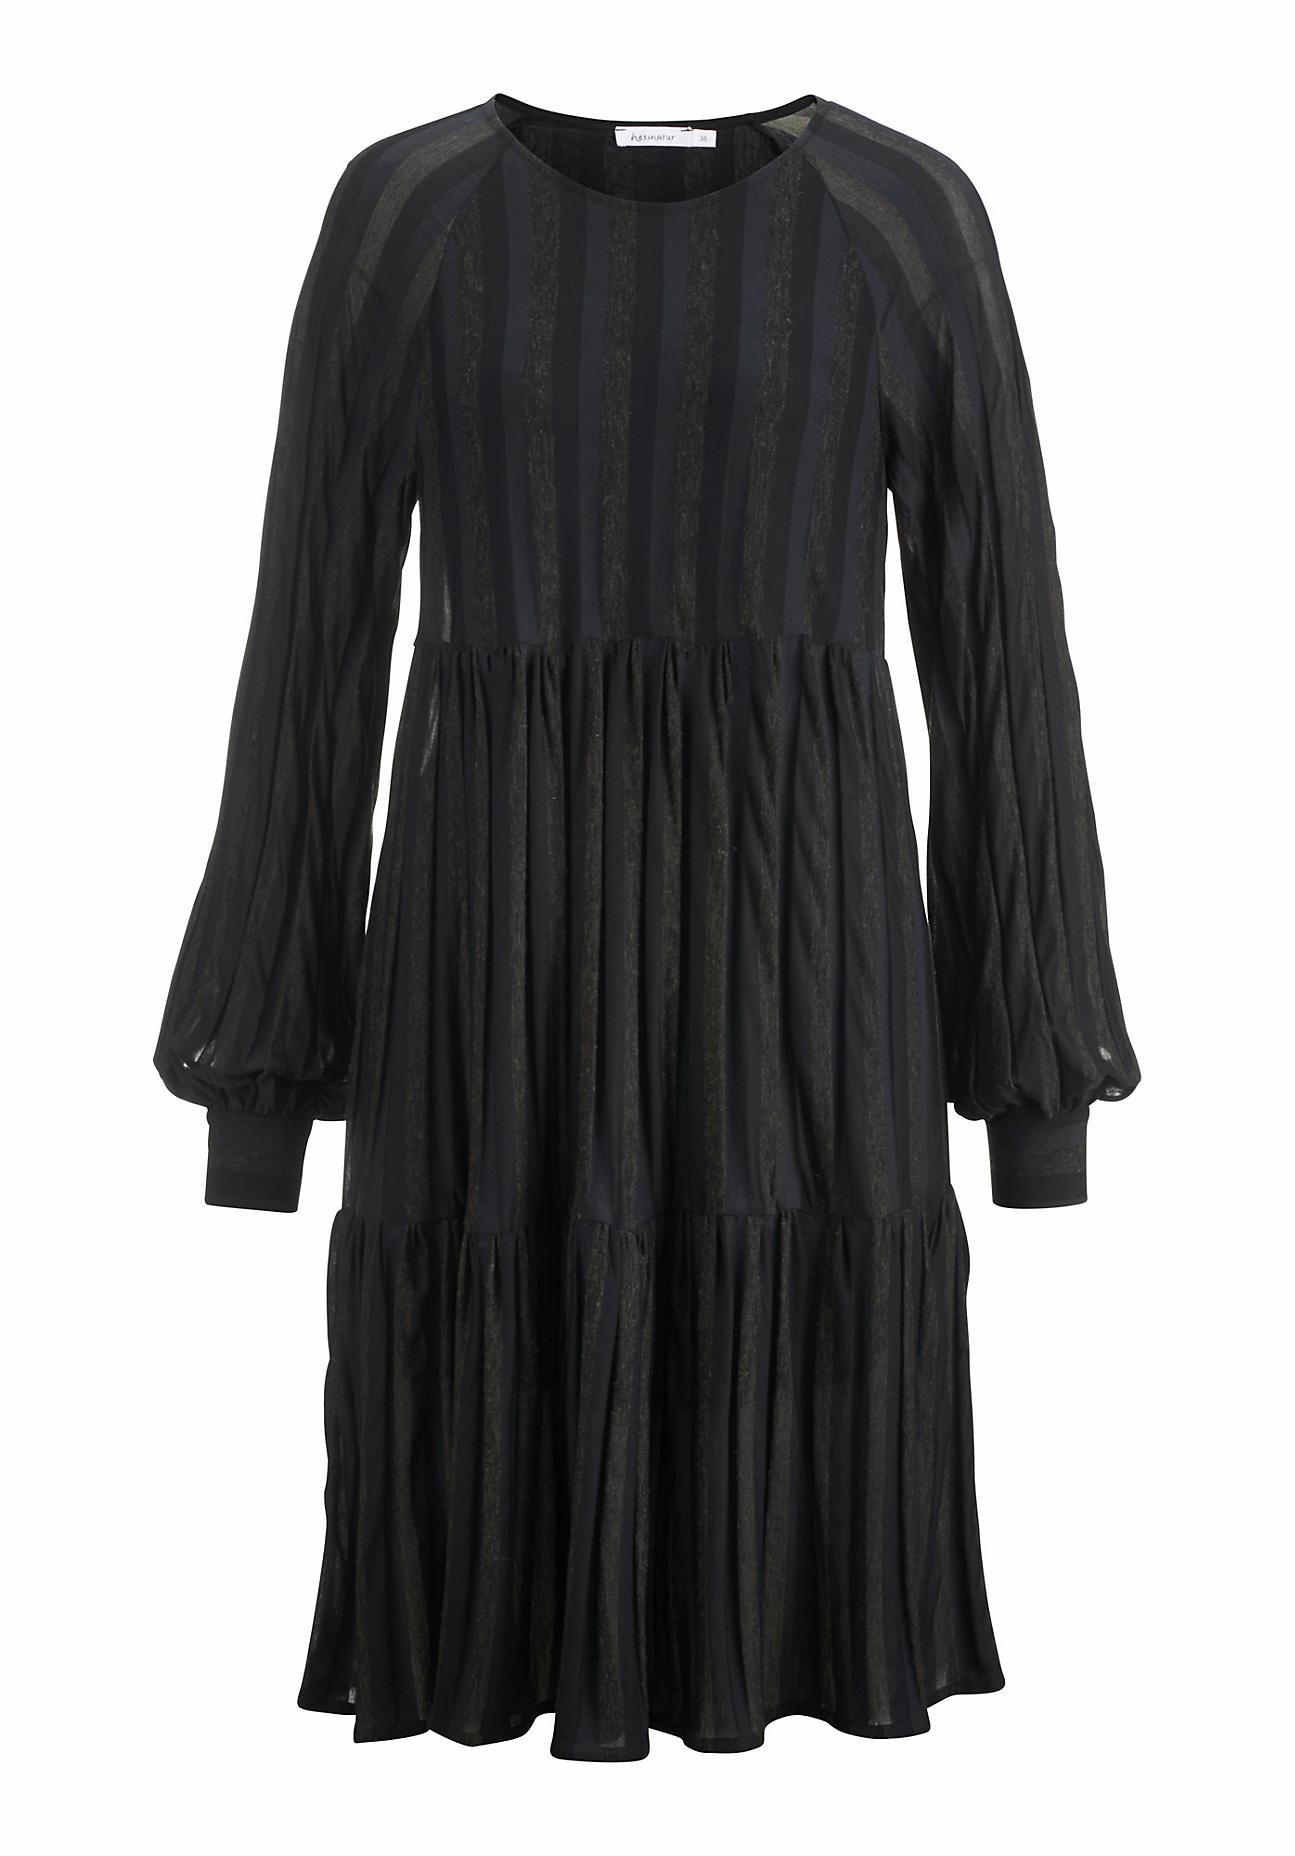 Kleider - hessnatur Damen Kleid aus Modal mit Bio Baumwolle und Schurwolle – blau –  - Onlineshop Hessnatur